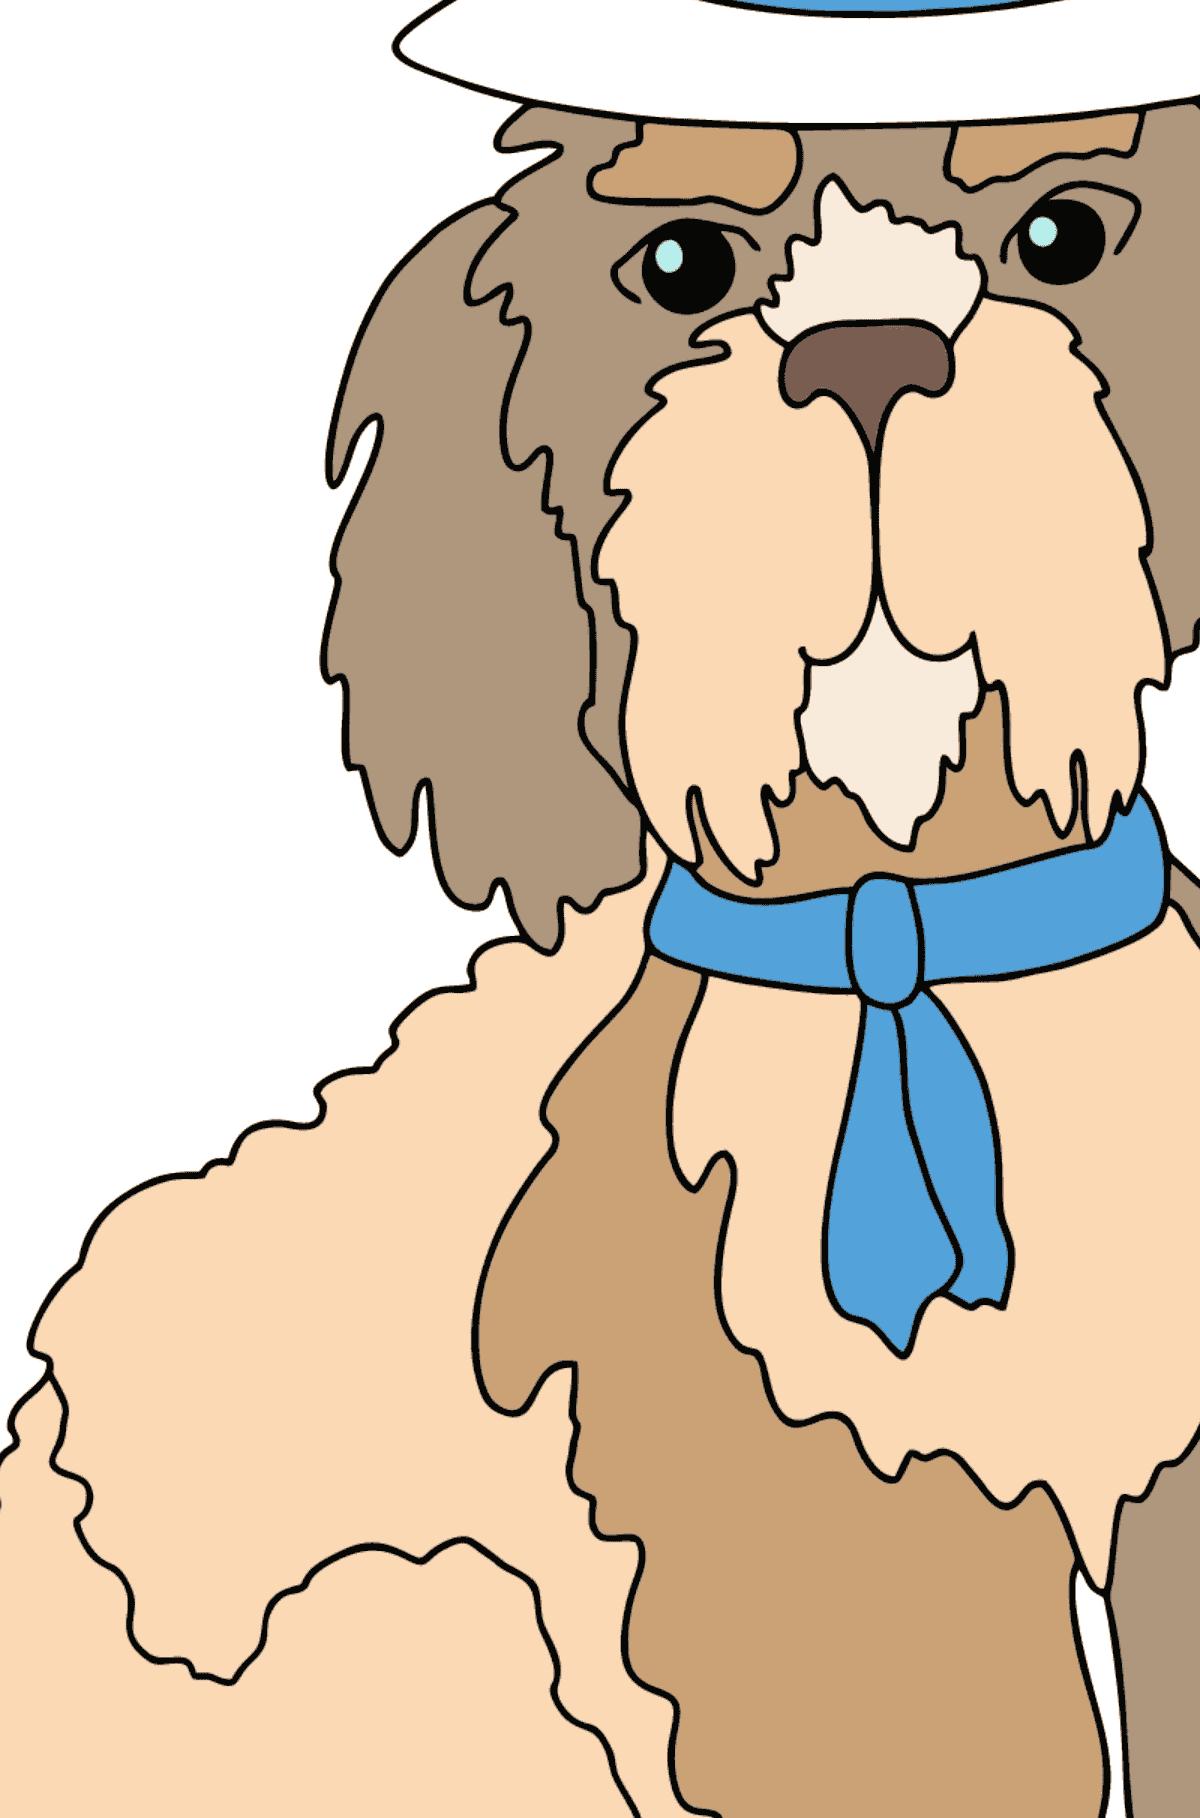 Página para Colorear - Un Perro en un Sombrero Lujoso